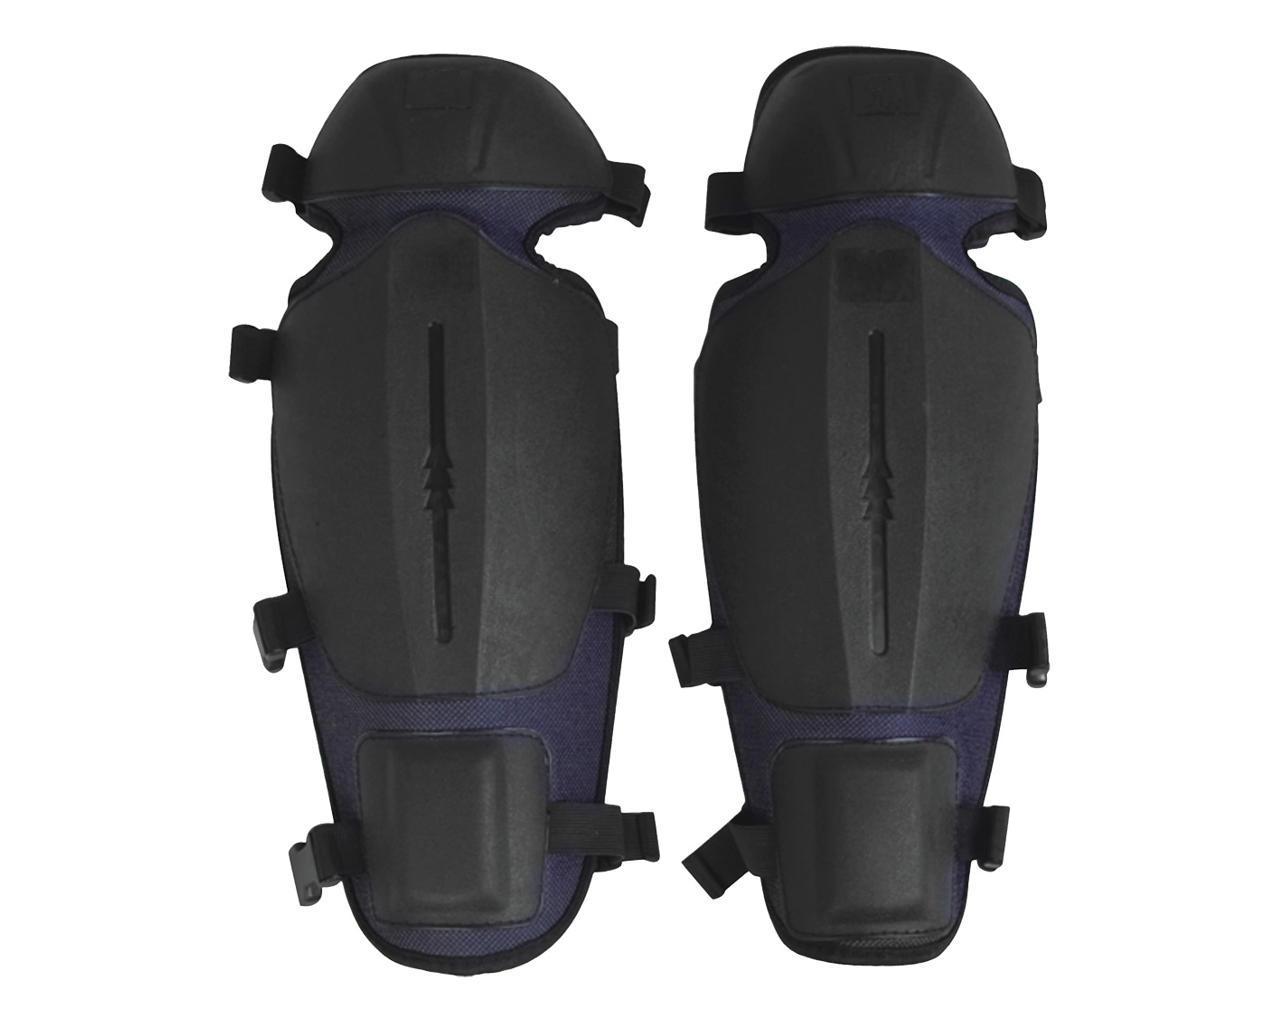 Наколінники будівельні покриття від коліна до стопи  Наколінники будівельні VITA покриття від коліна до стопи